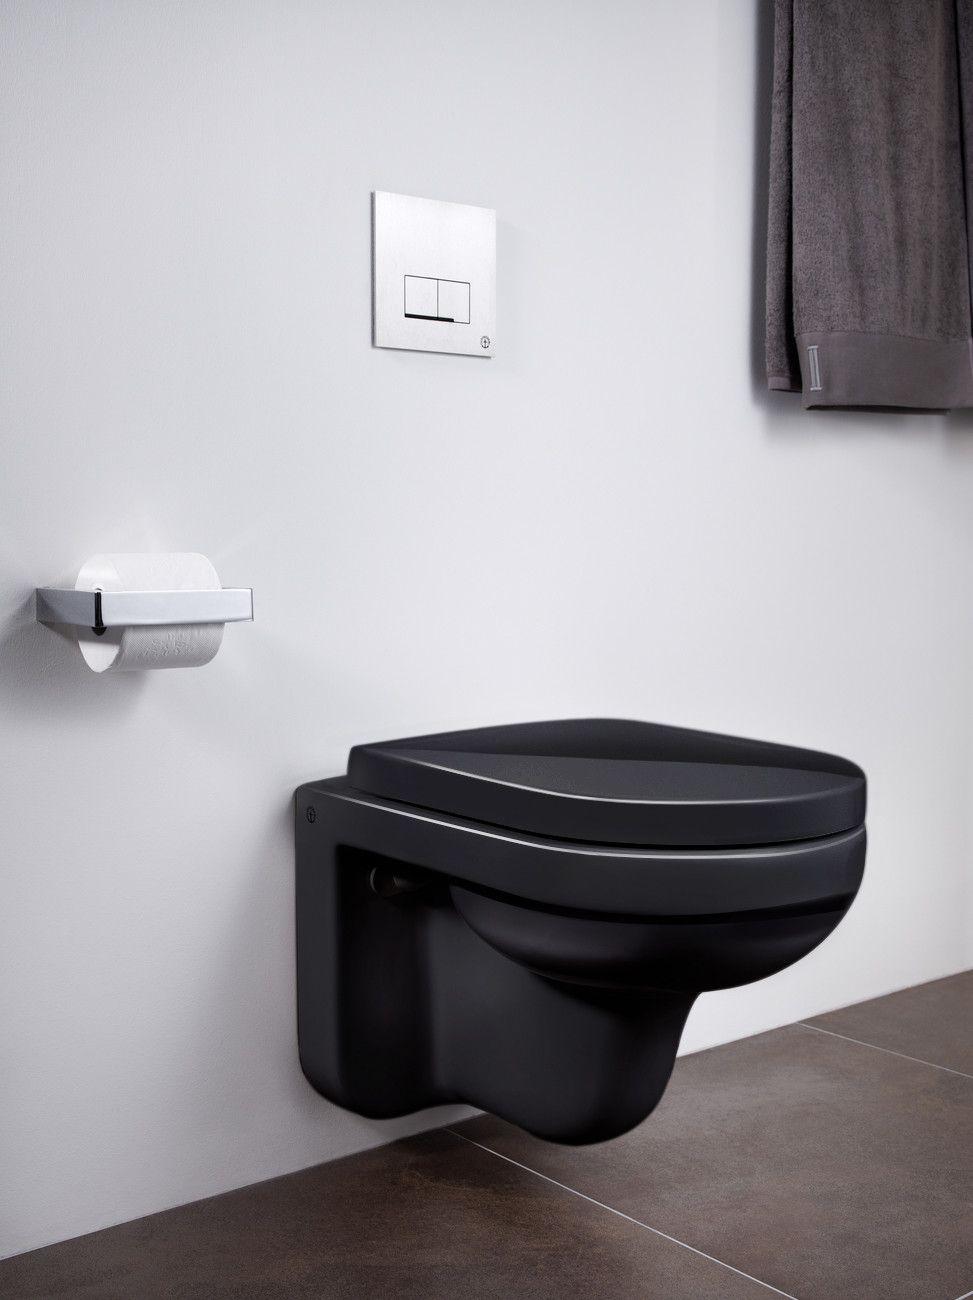 Vägghängd toalett Artic 4330 i svart utförande. | Vägghängd ... : inbyggd toalett : Inredning